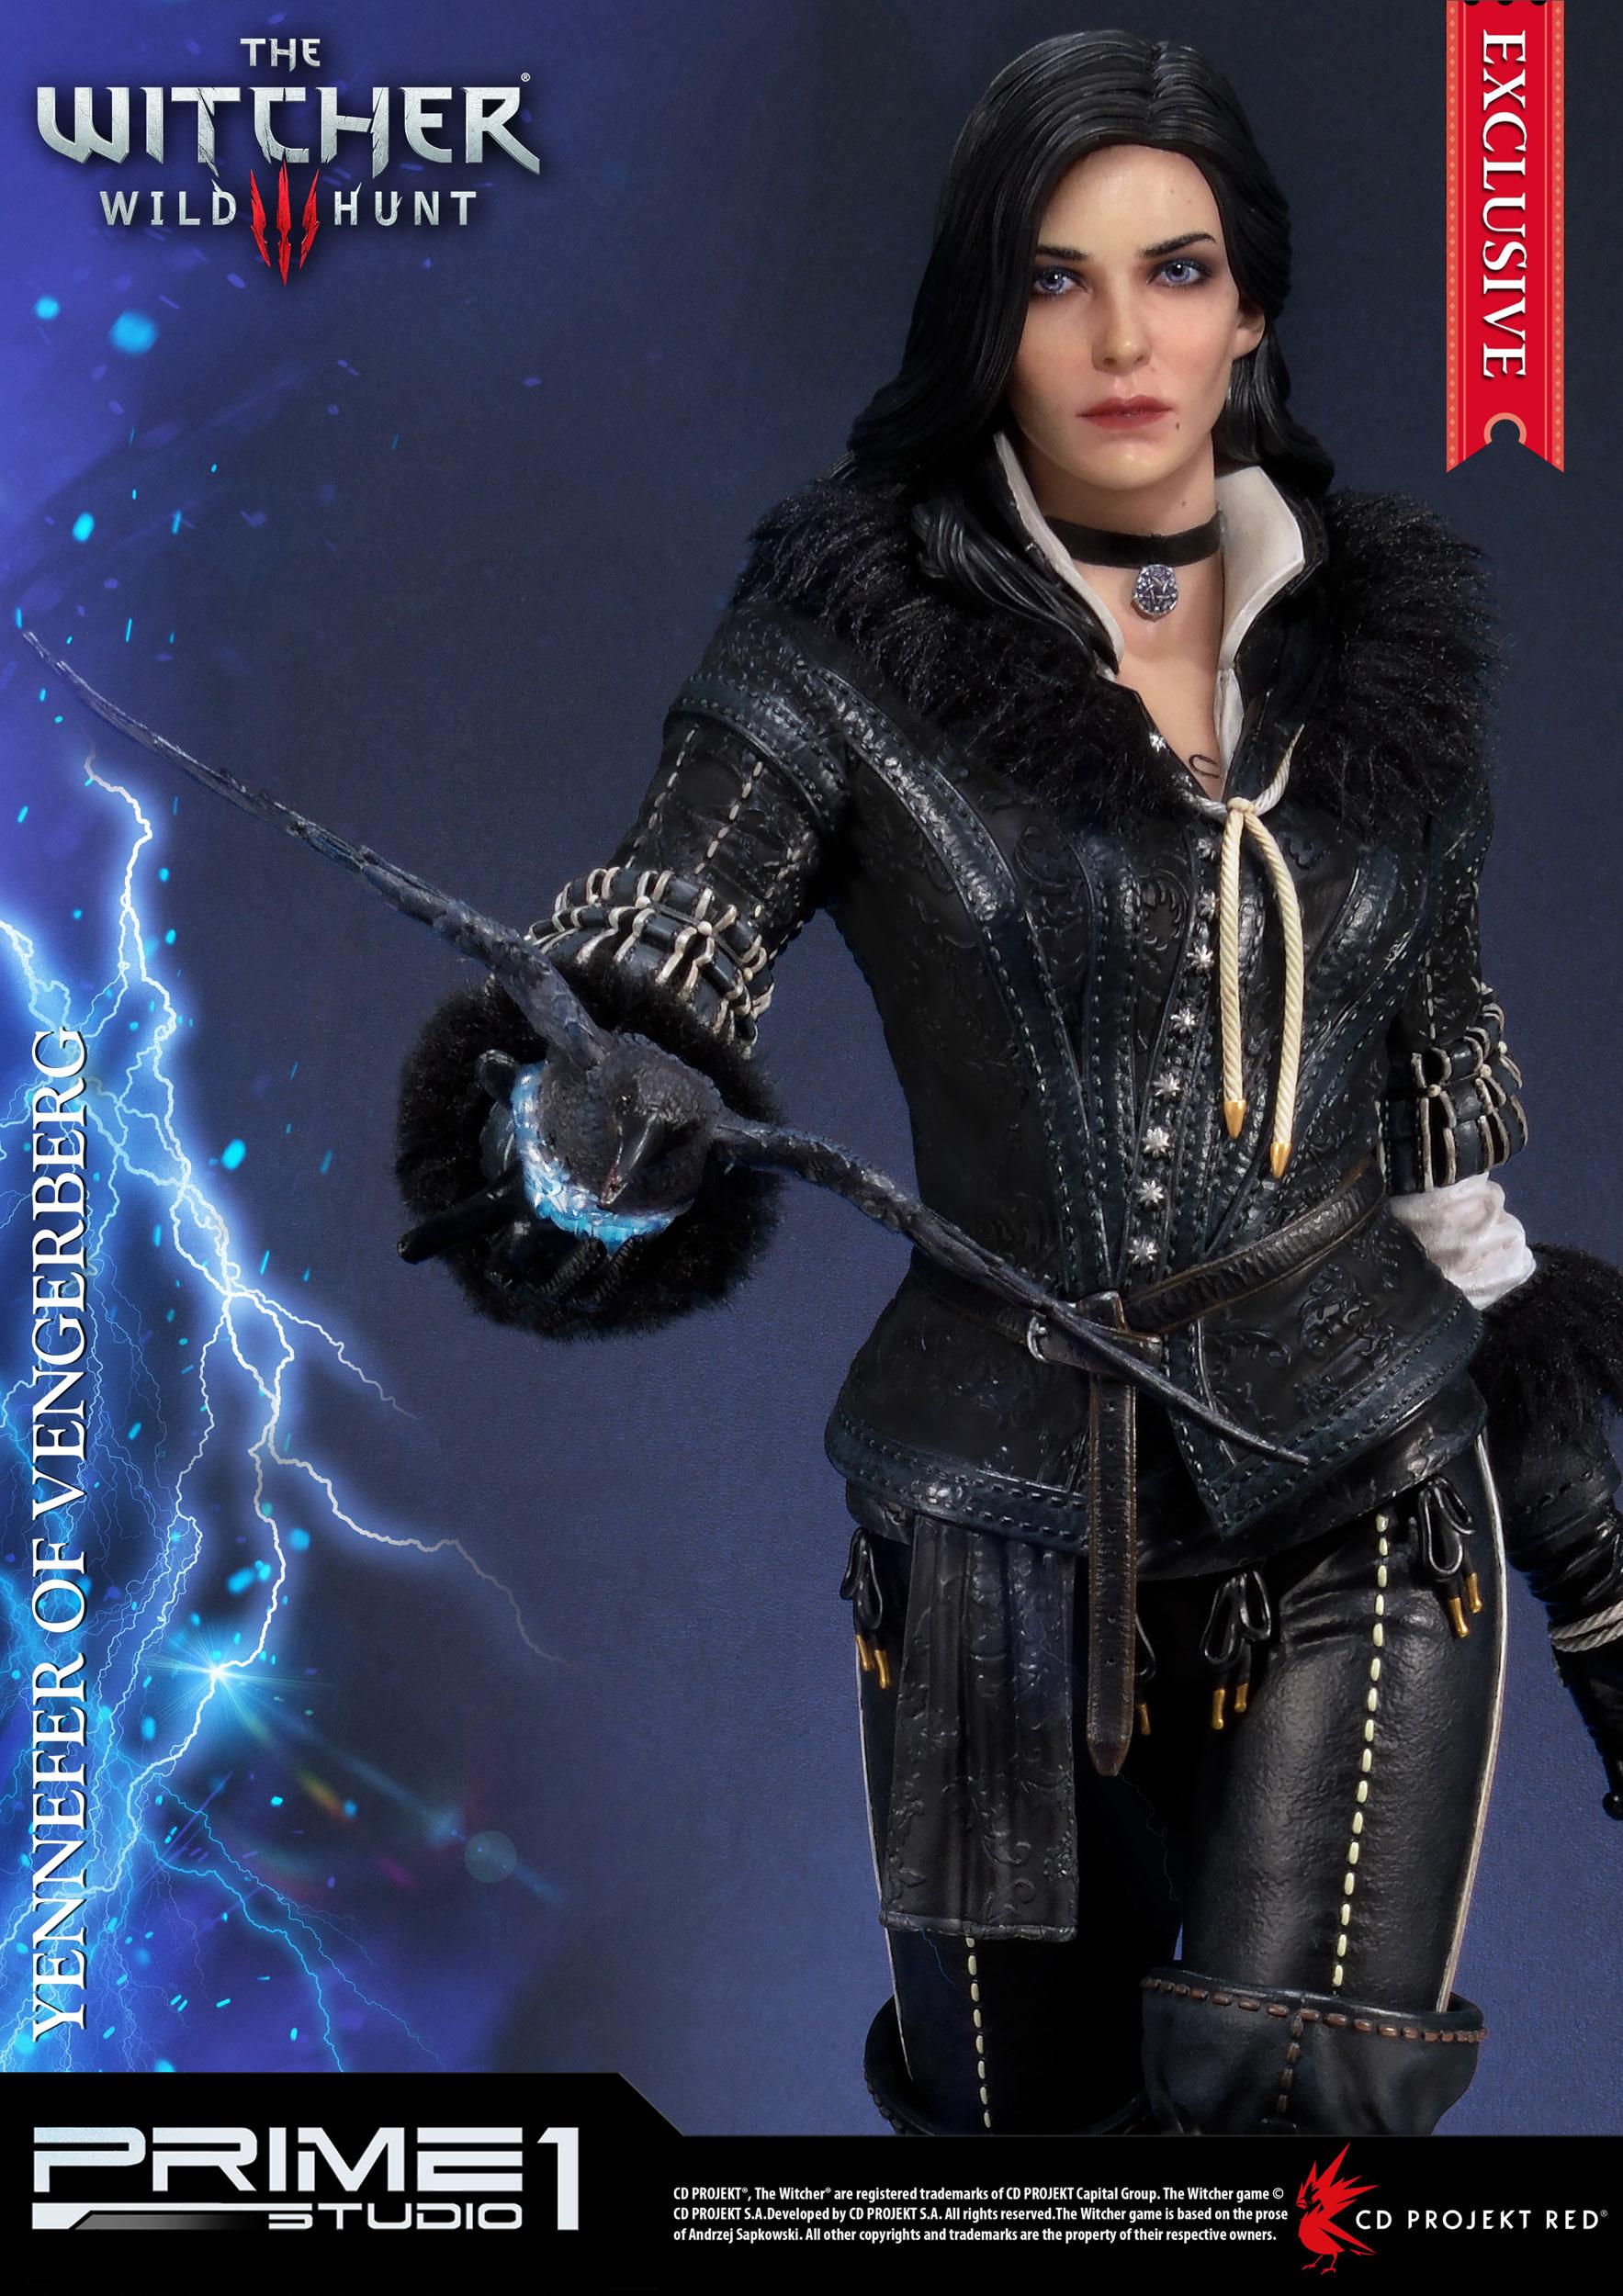 Witcher 3 yennefer